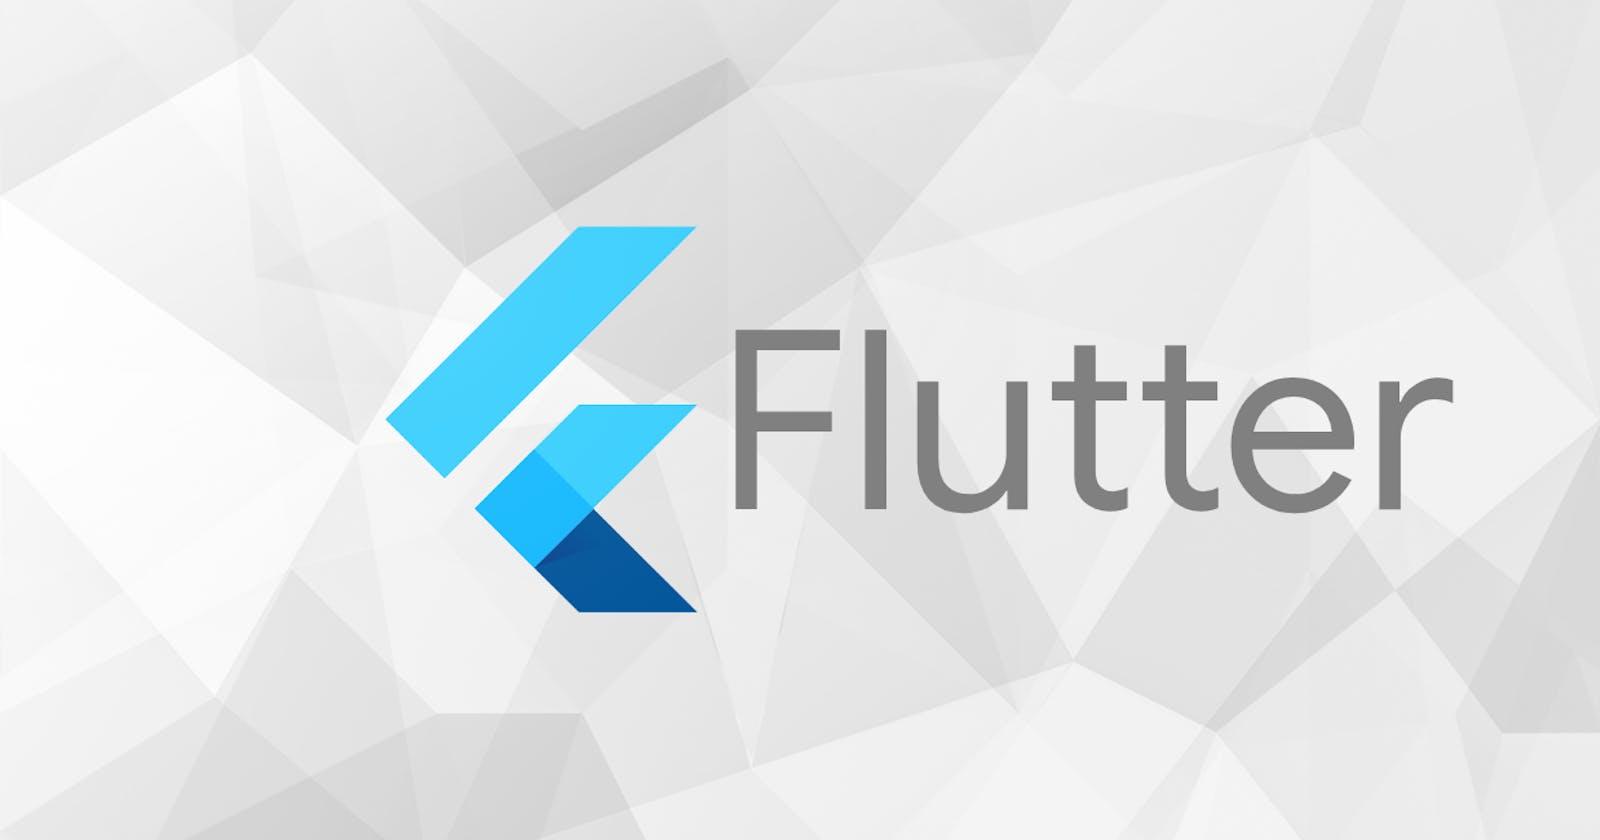 #Flutter: Pages